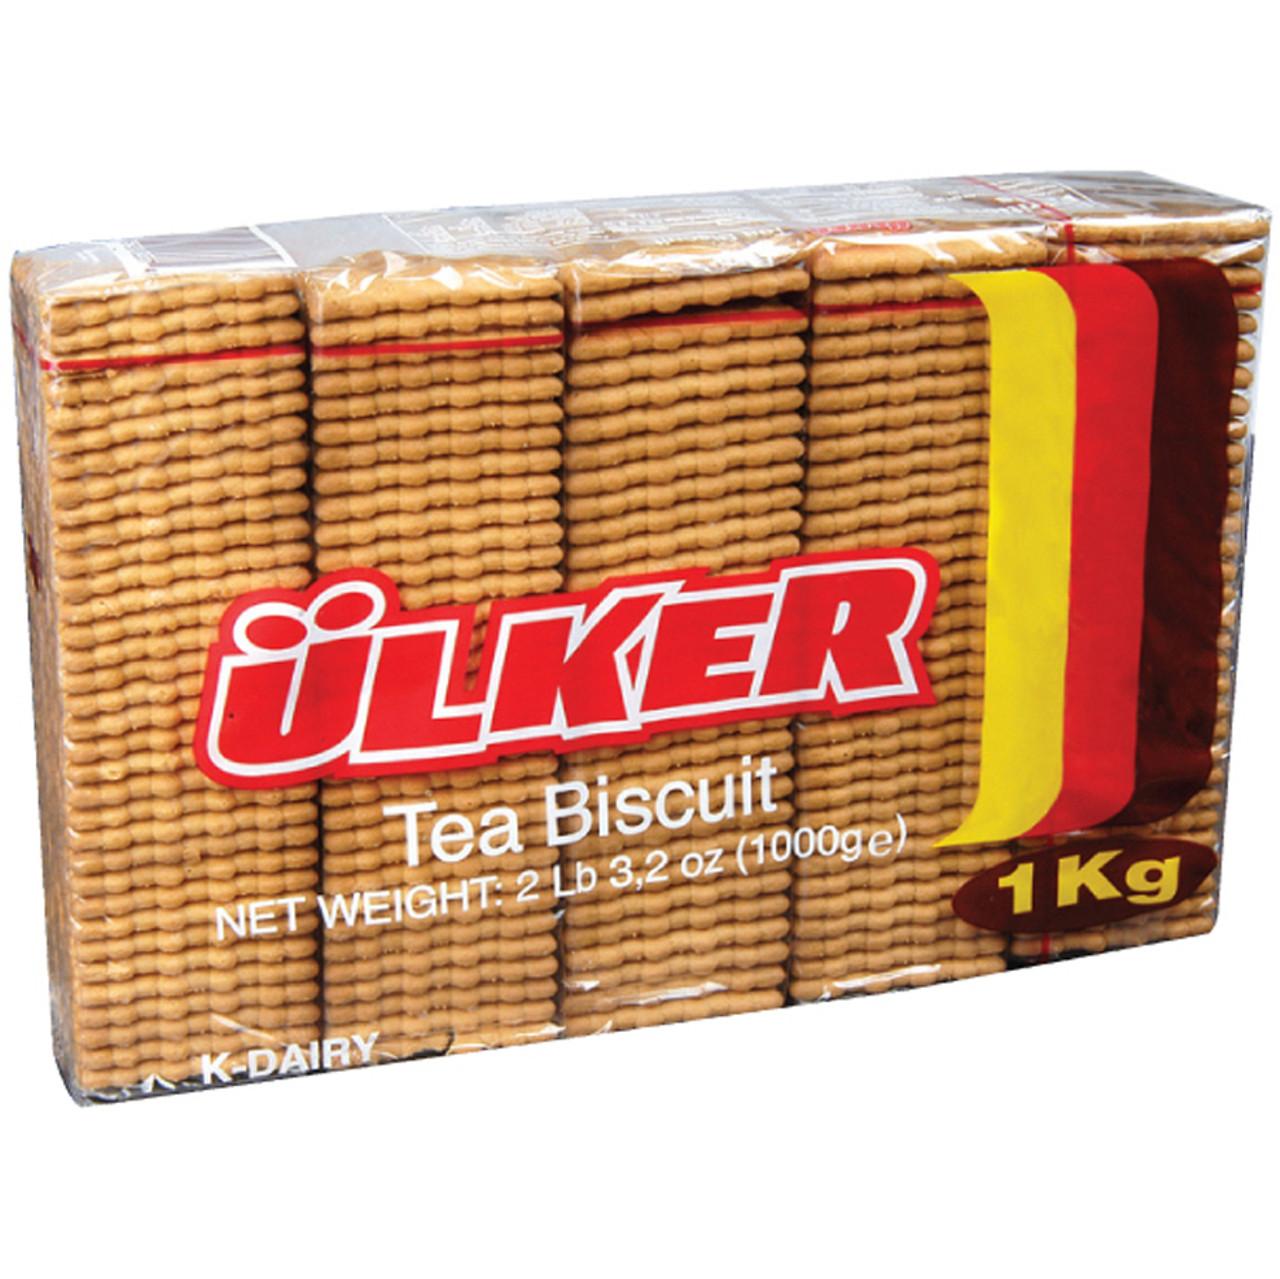 ULKER Tea Biscuits (5 Pack) 1kg